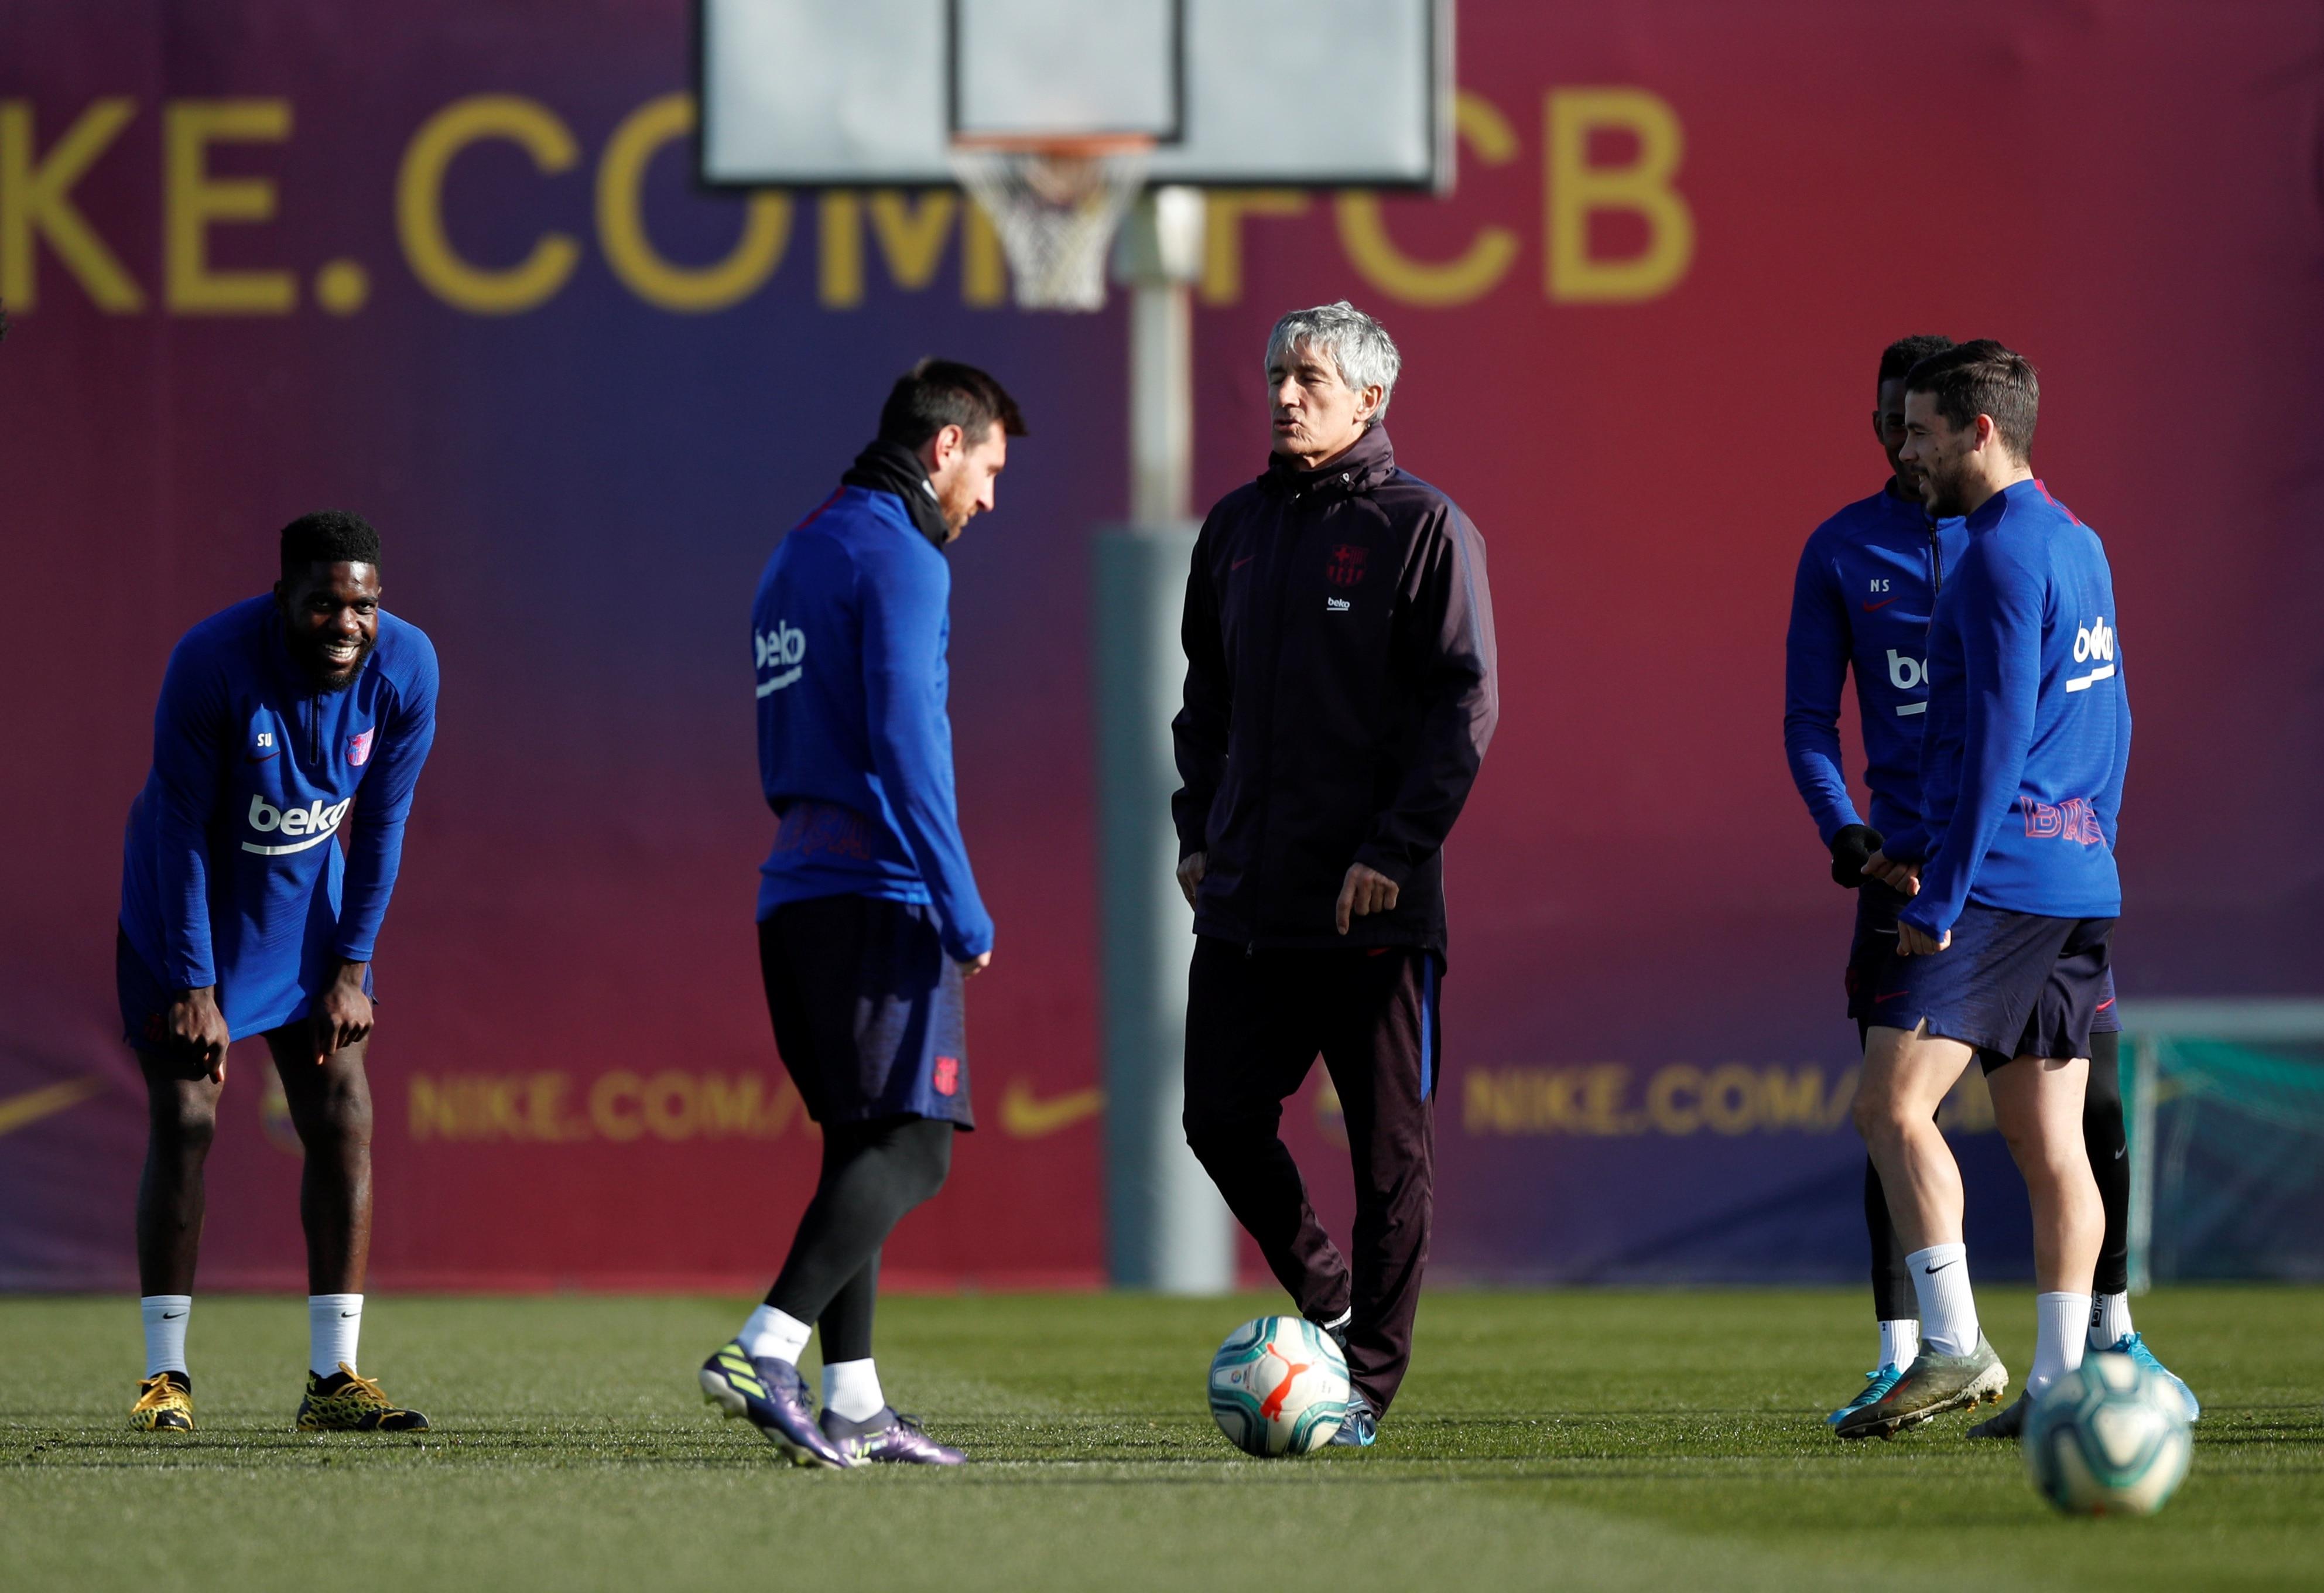 El técnico del Barcelona manifestó su preocupación por el estado físico de Messi a días del regreso del fútbol en España  - Infobae